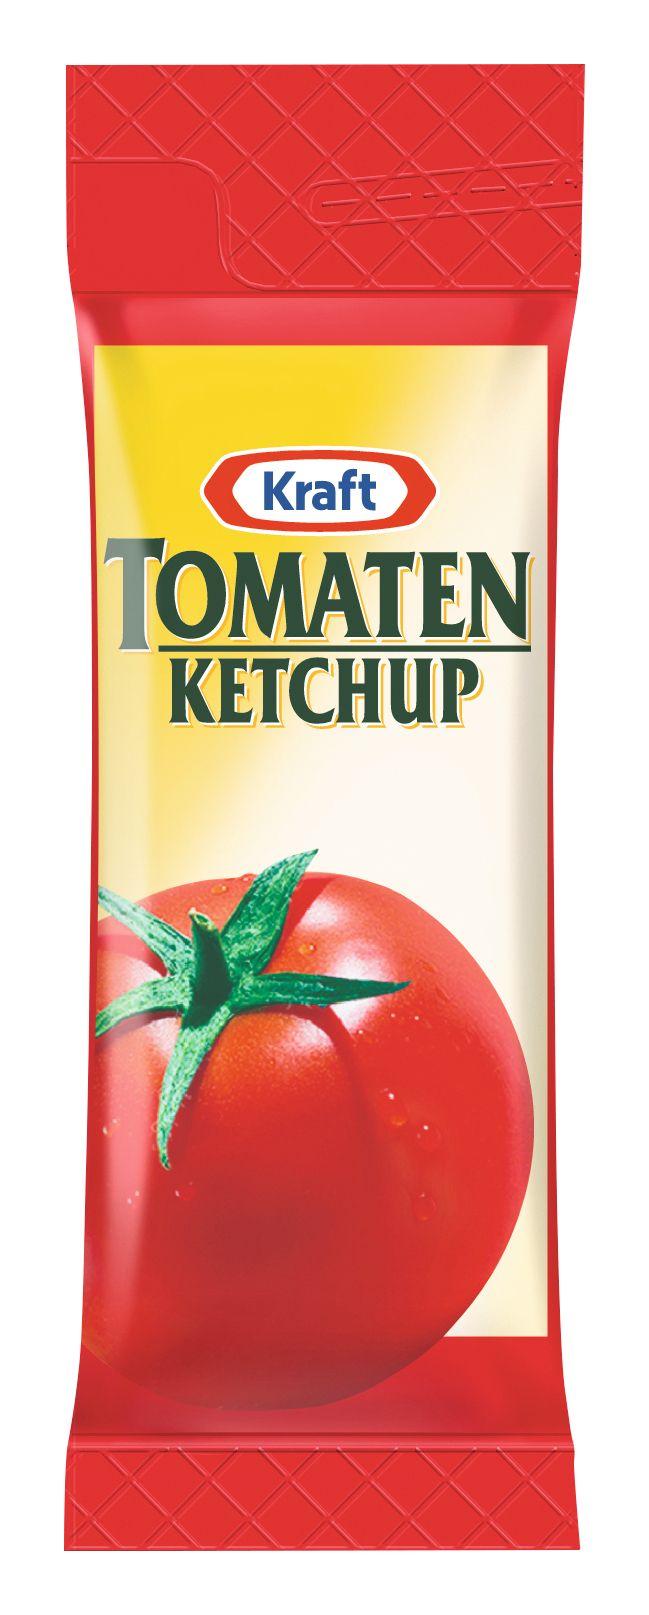 Kraft Tomaten Ketchup 15ml image